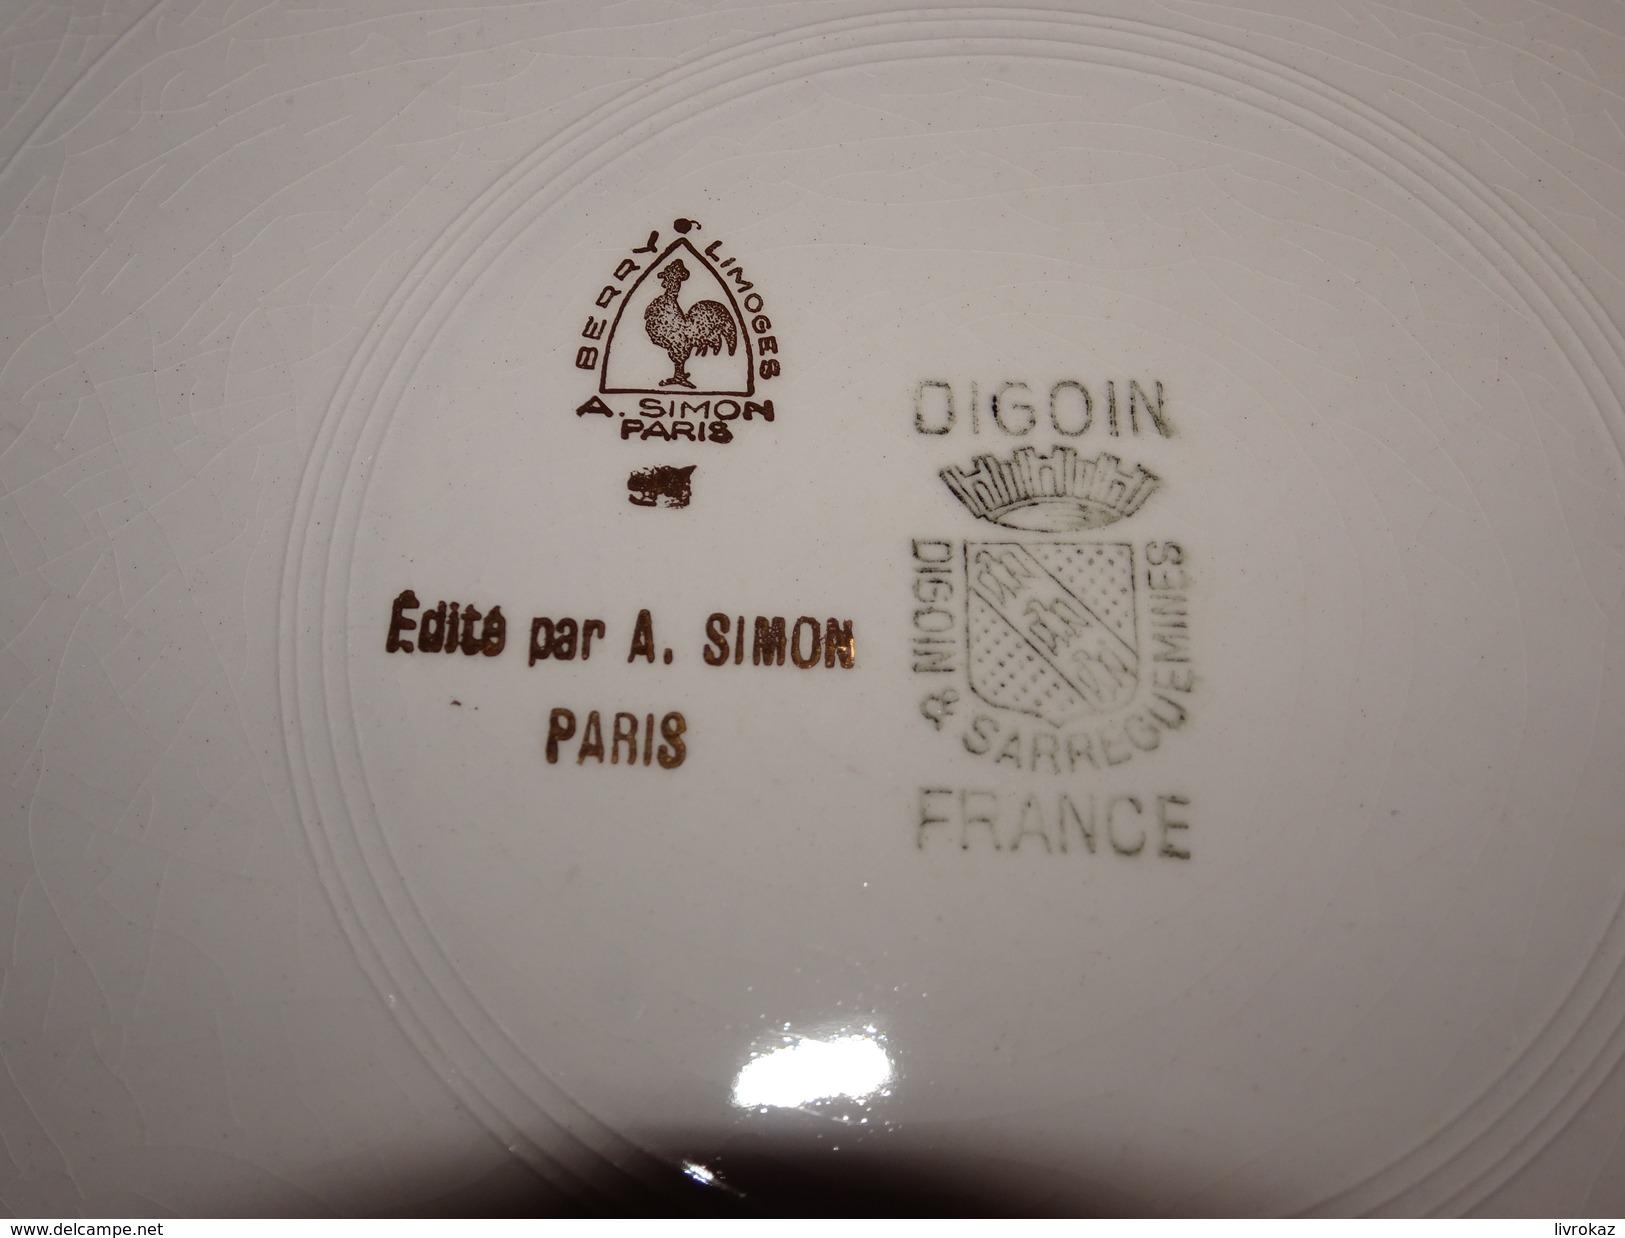 Assiette Bouquet Provincial Villeneuve Sur Fère, Aisne, 5 Juin 1960, Tir à L'arc, Archerie, Beursault, Digoin, Simon - Tir à L'Arc